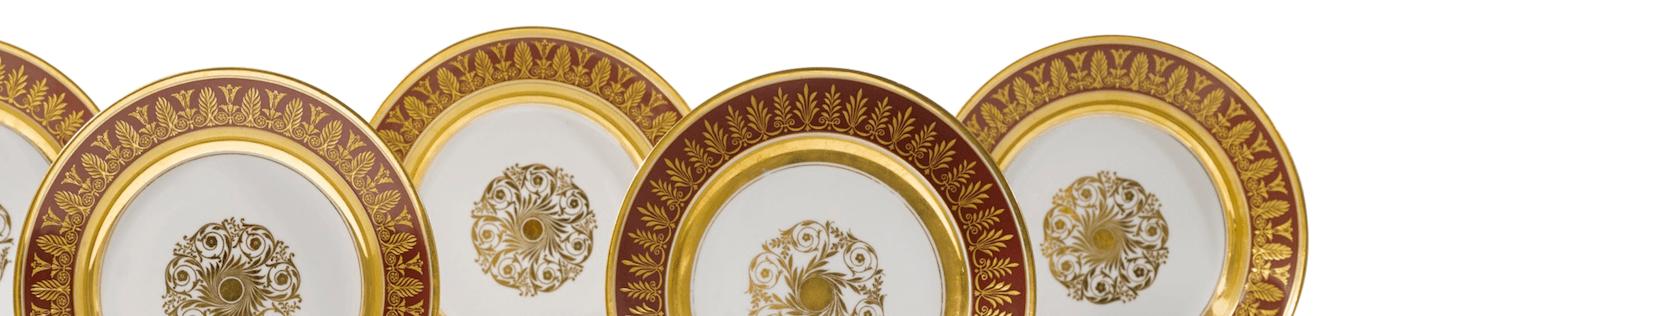 Антикварные фарфоровые тарелки